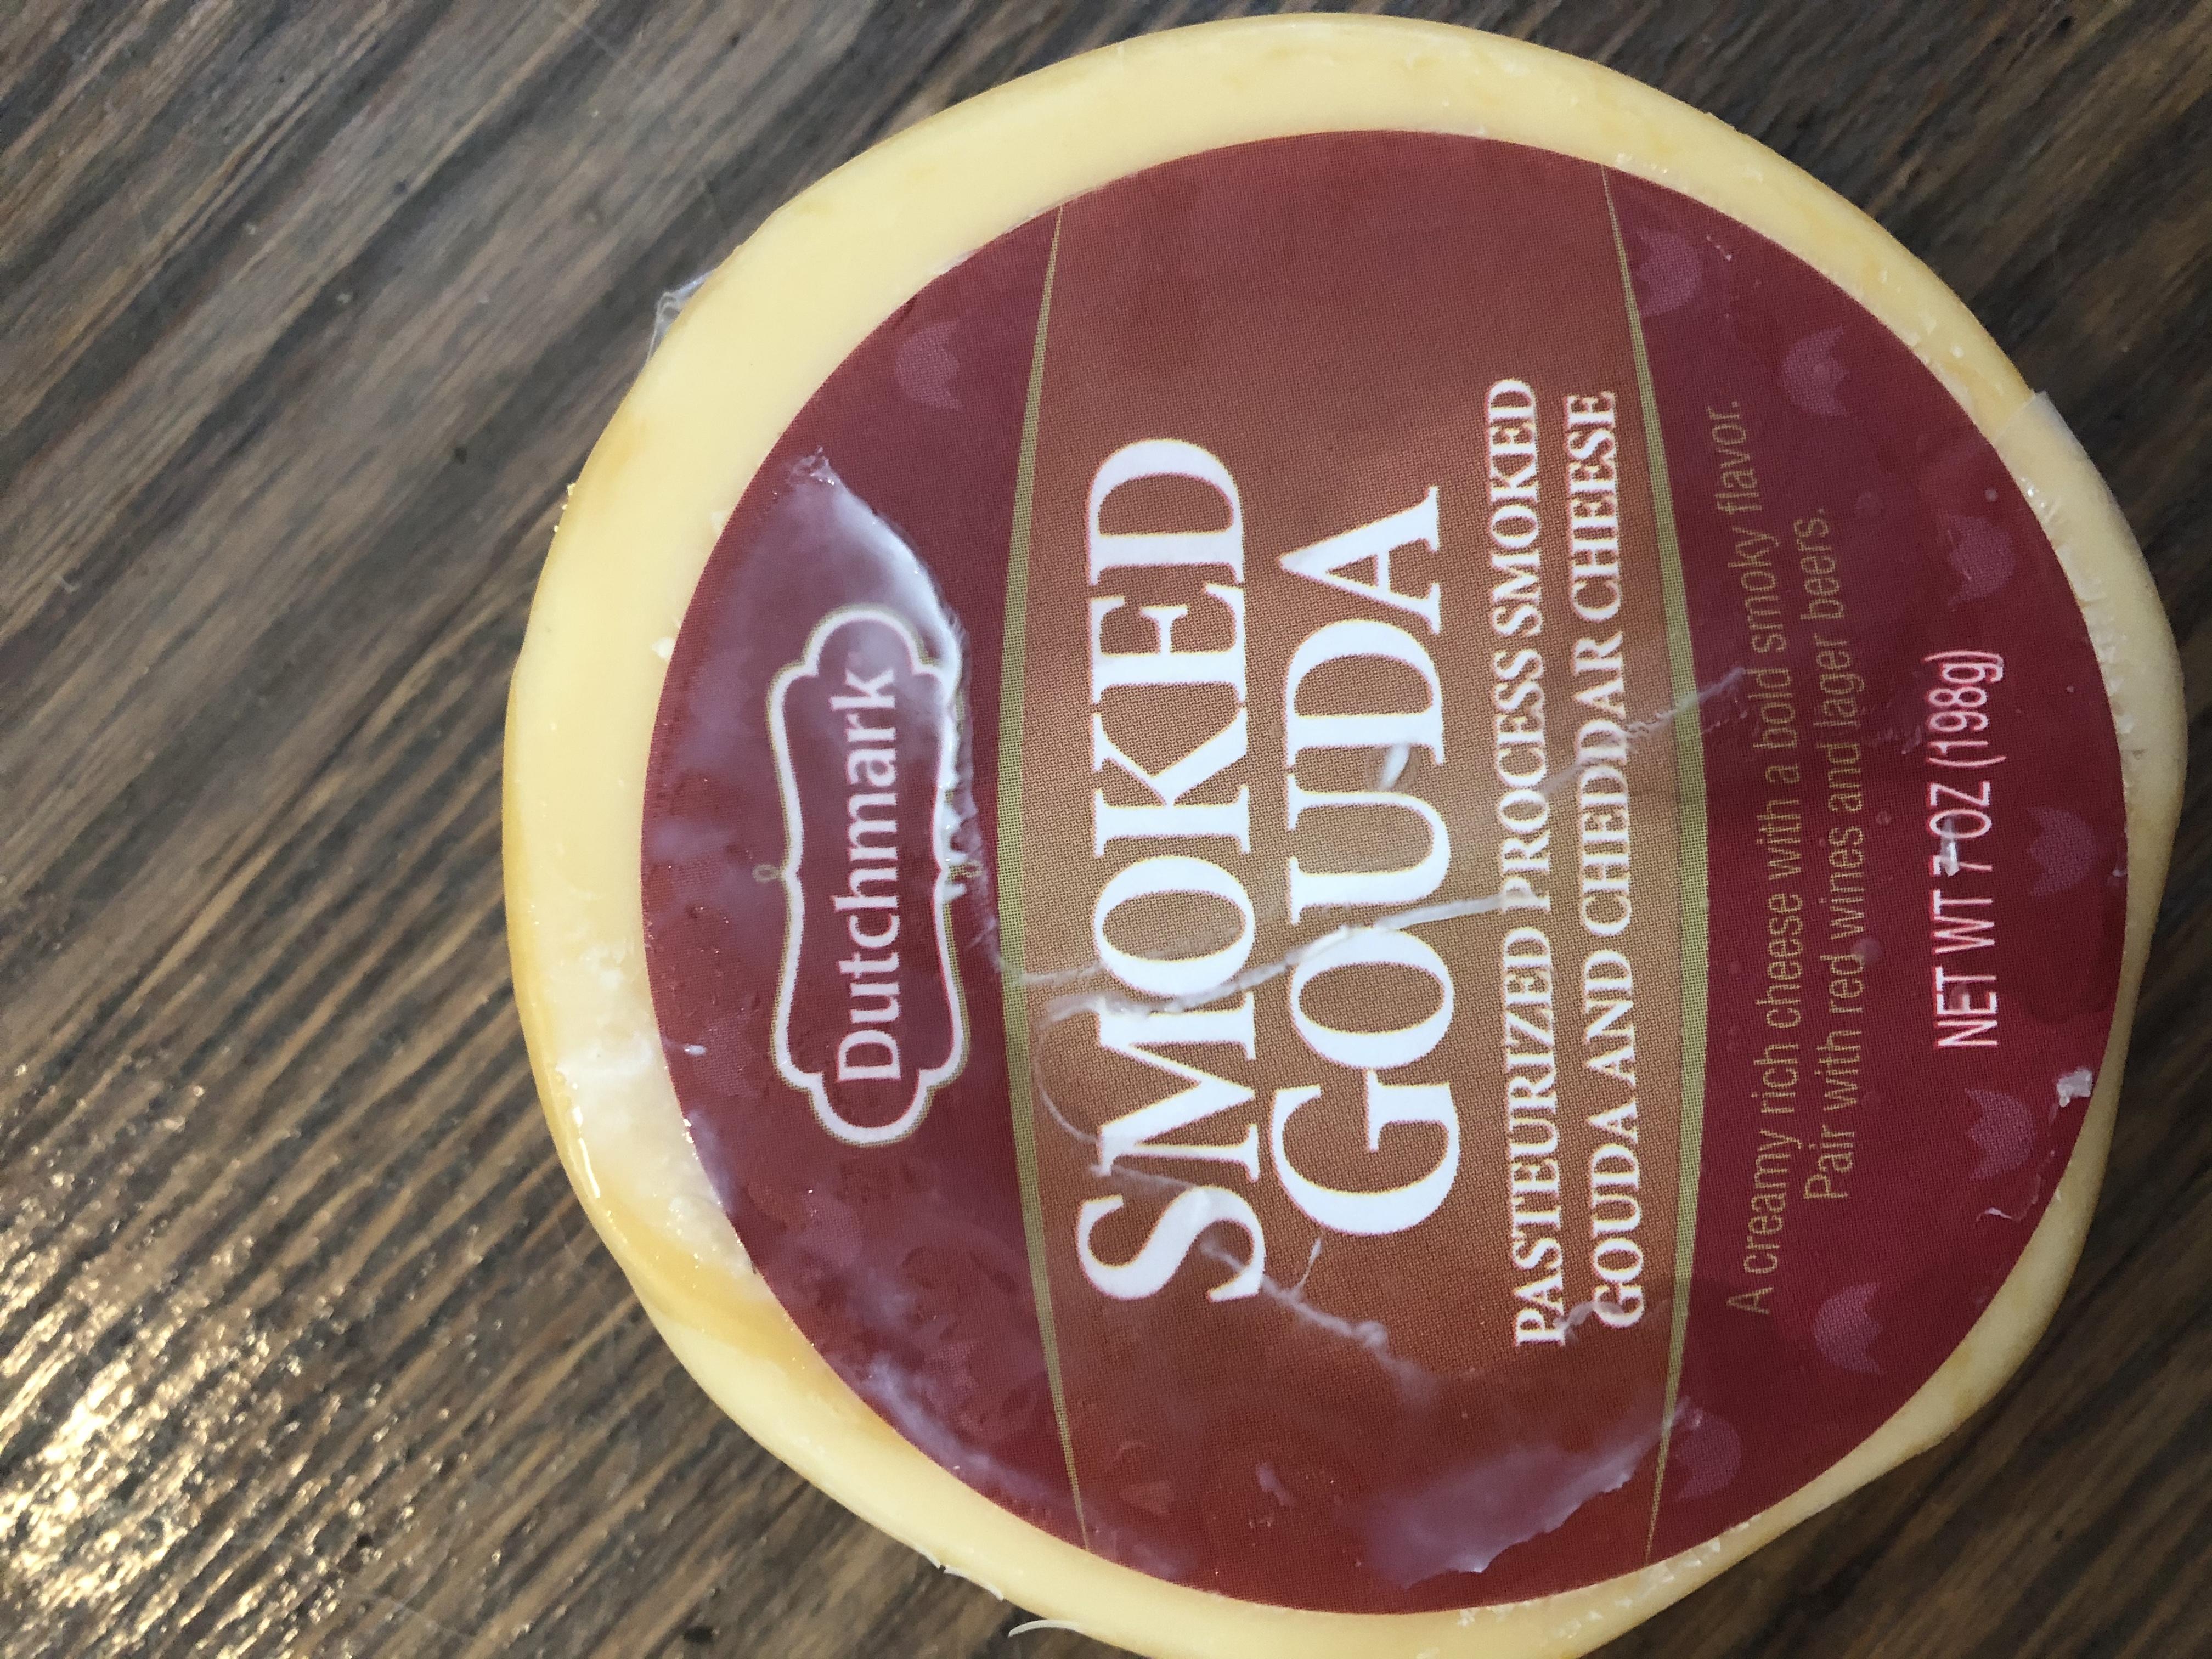 Dutchmark Smoked Gouda